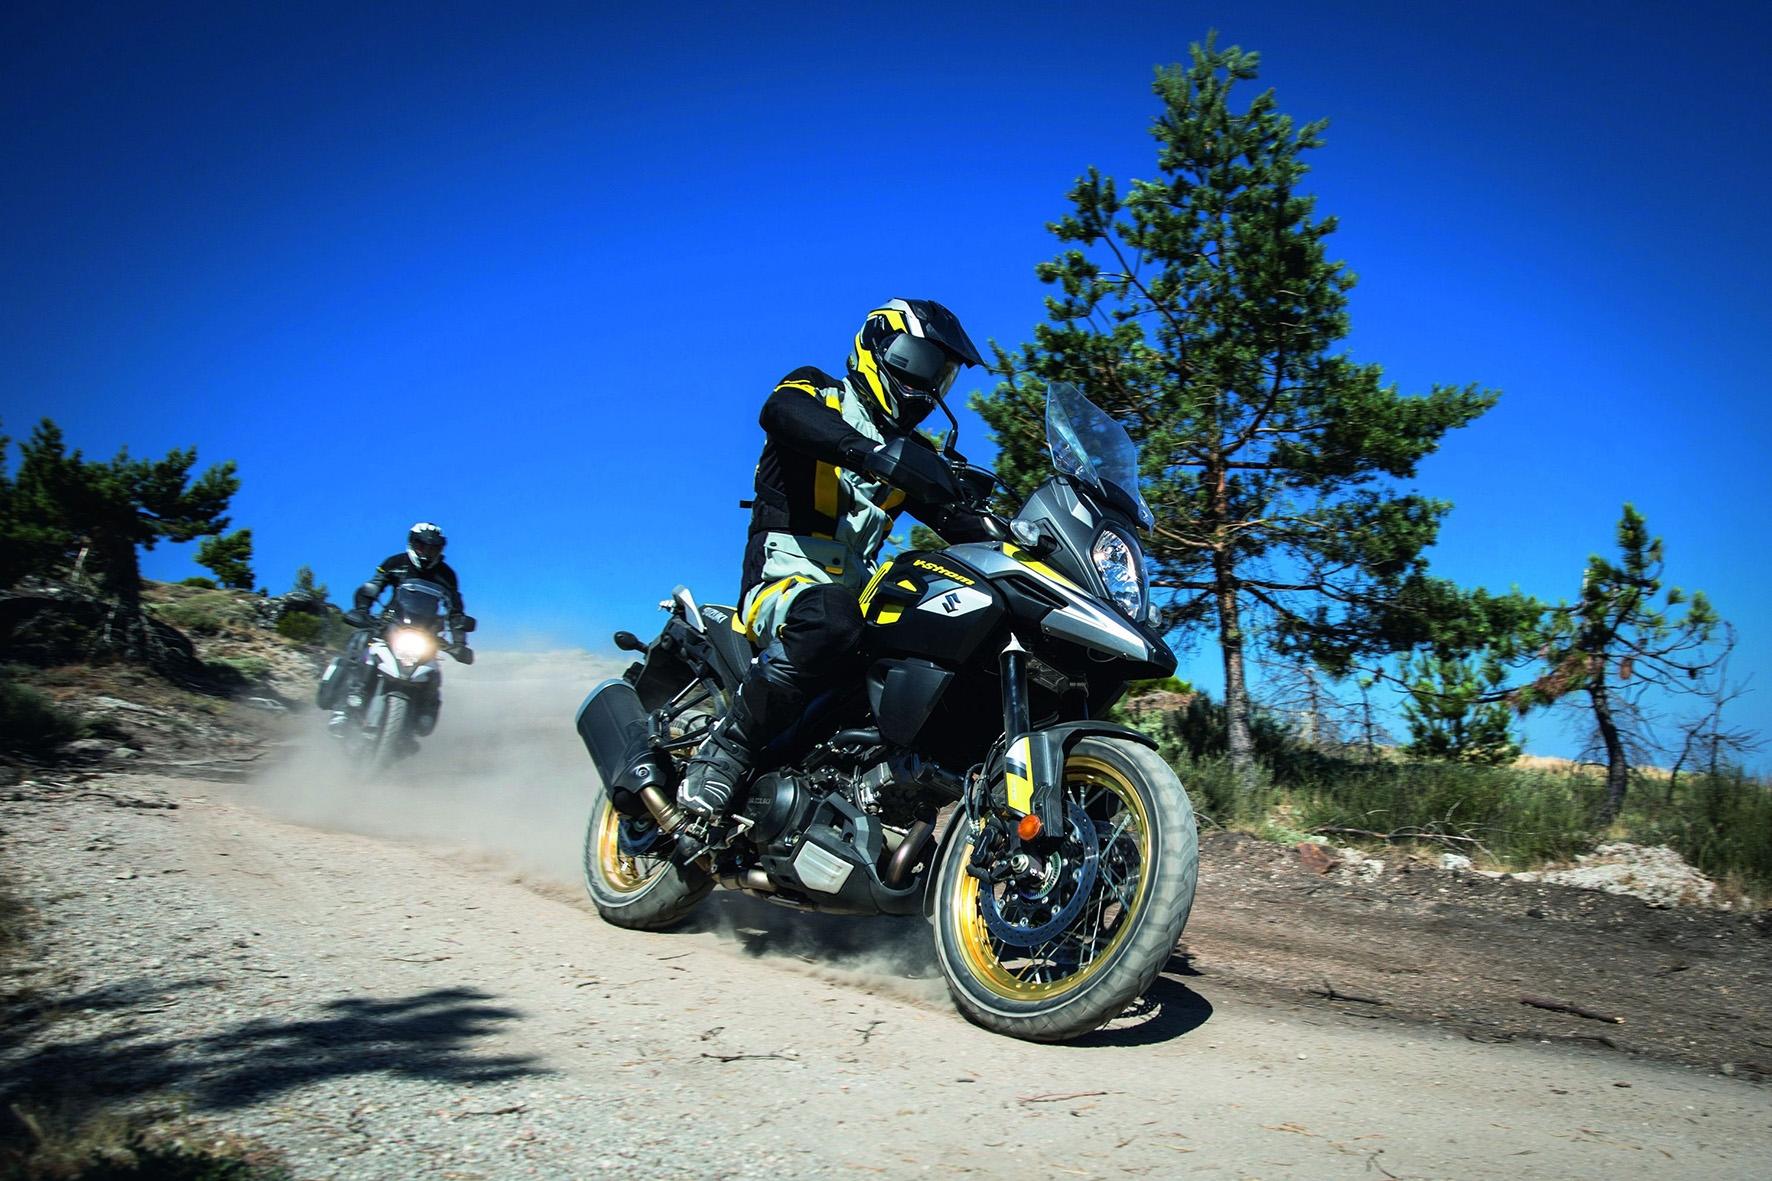 Suzuki V-Strom 1000 XT ganhou novo design e rodas raiadas para agradar aventureiros